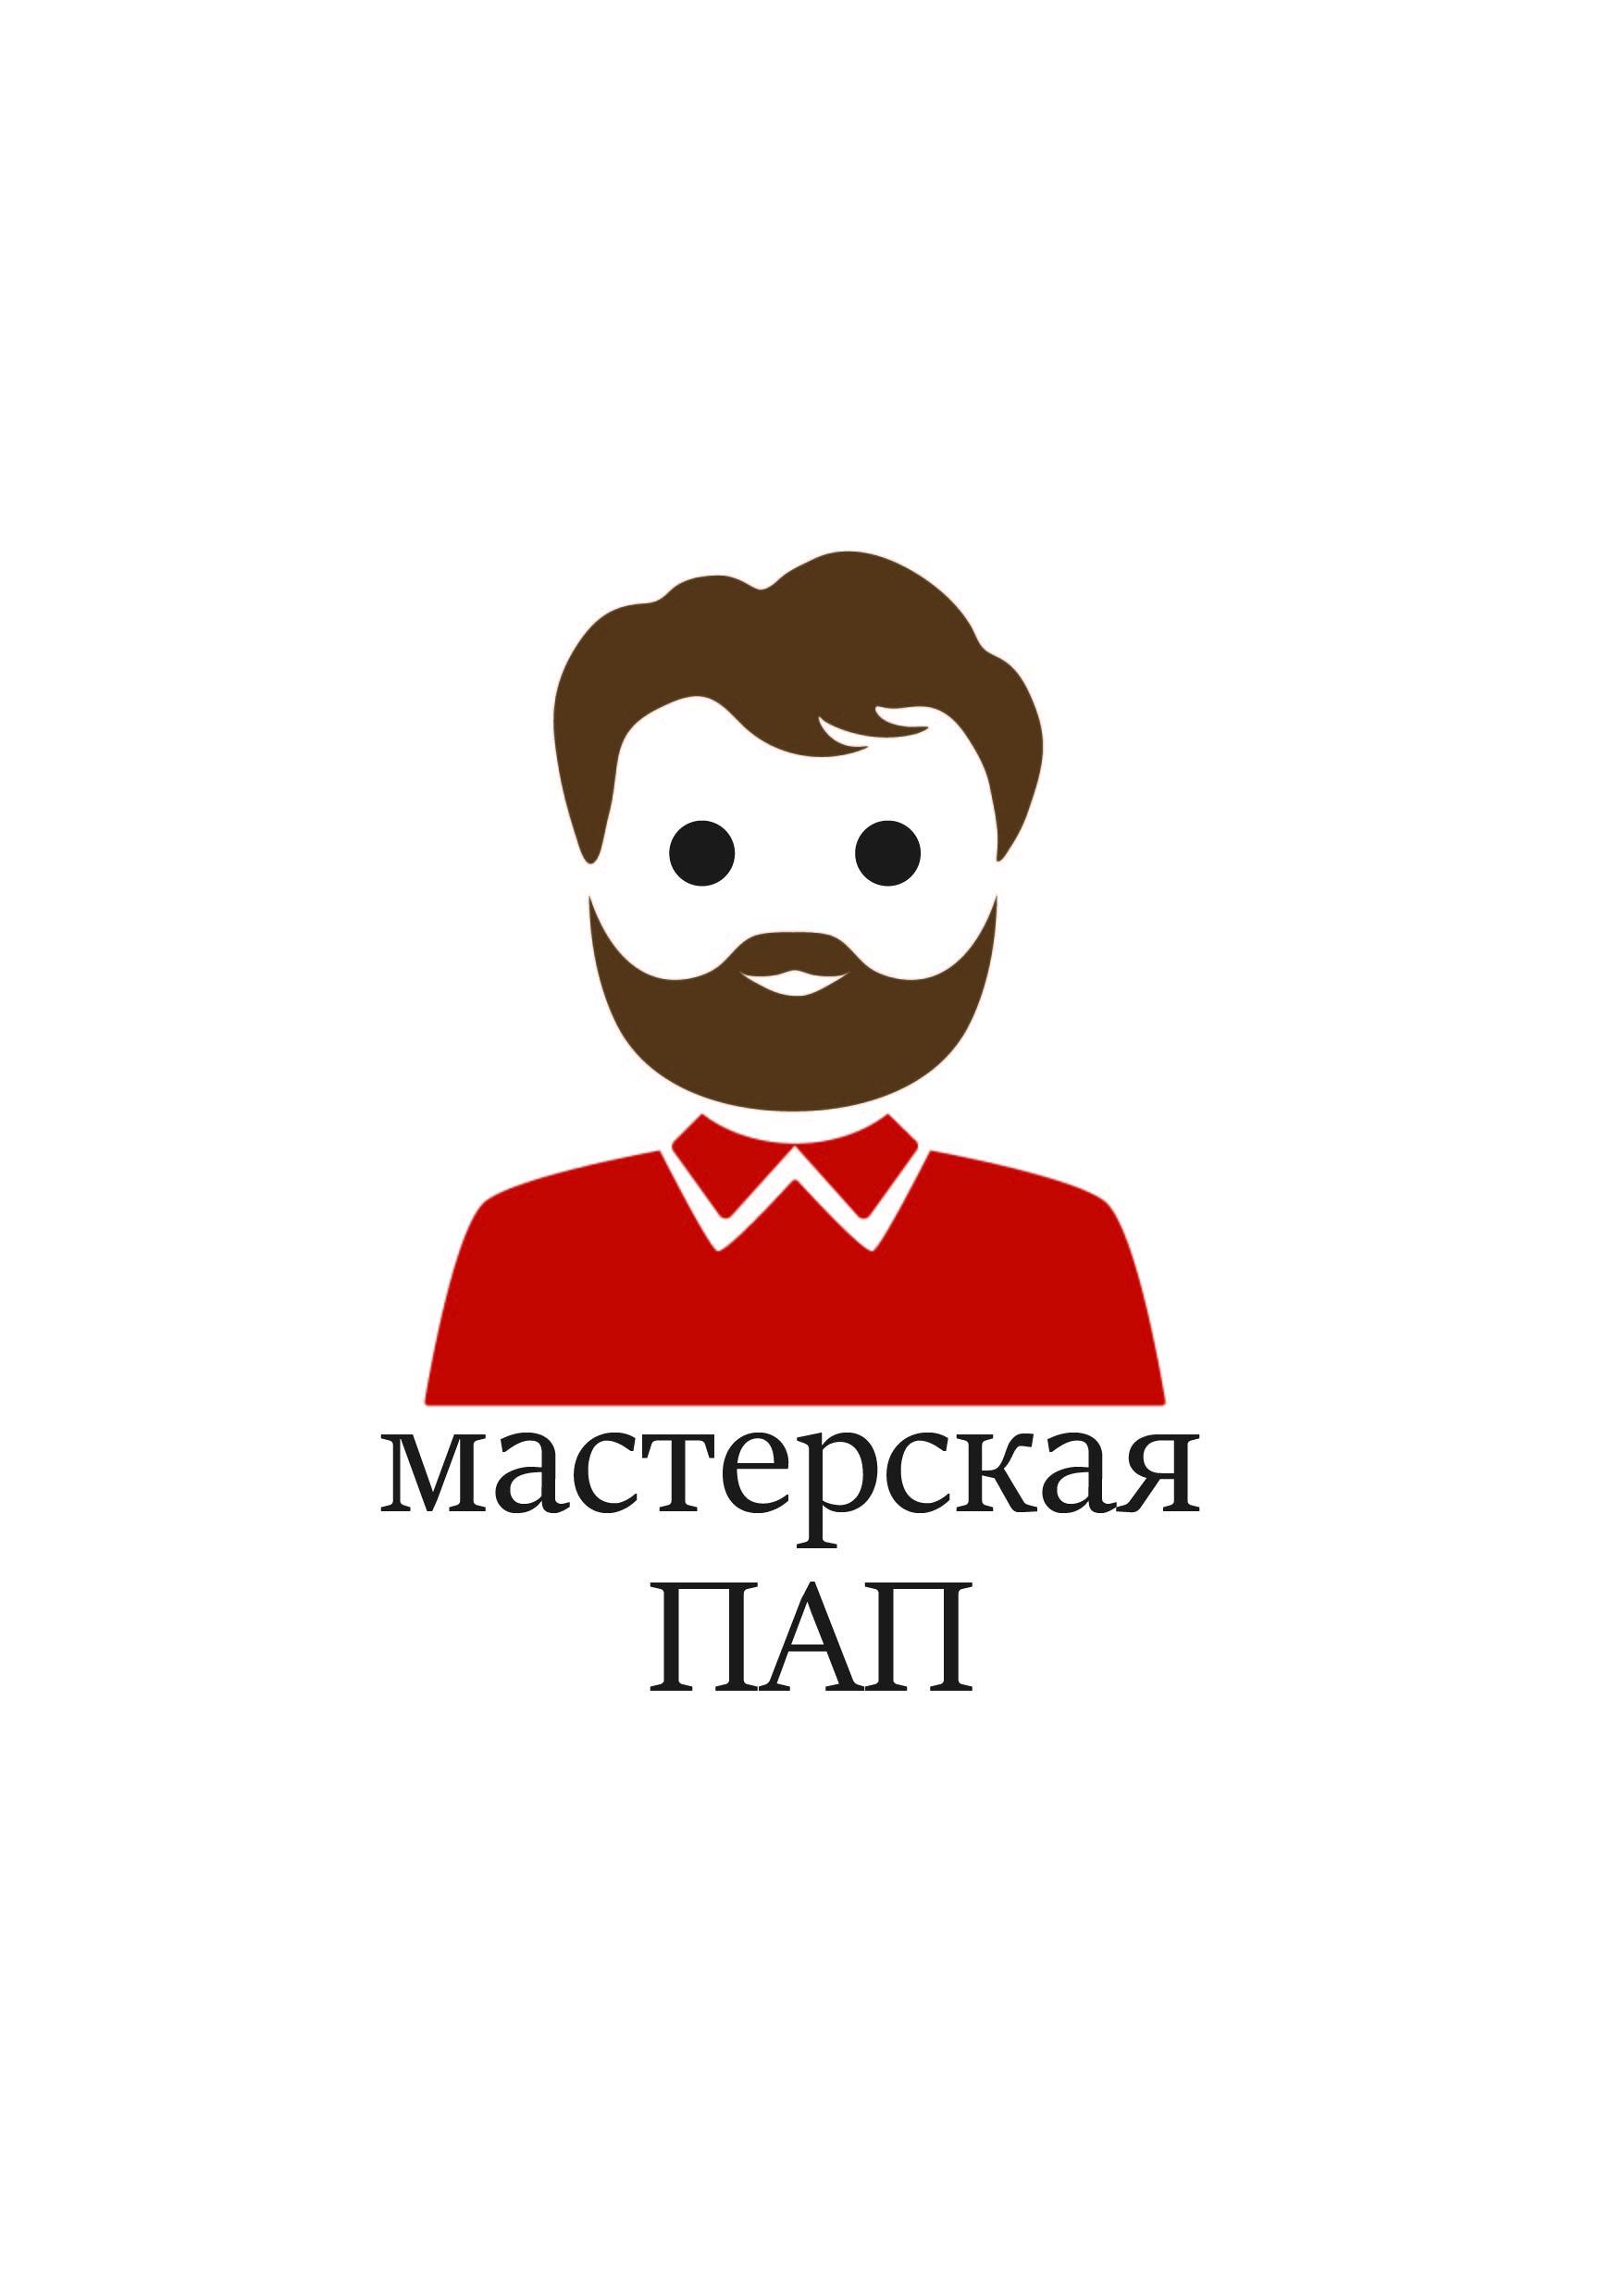 Разработка логотипа  фото f_3345aa6b9500ea1f.jpg